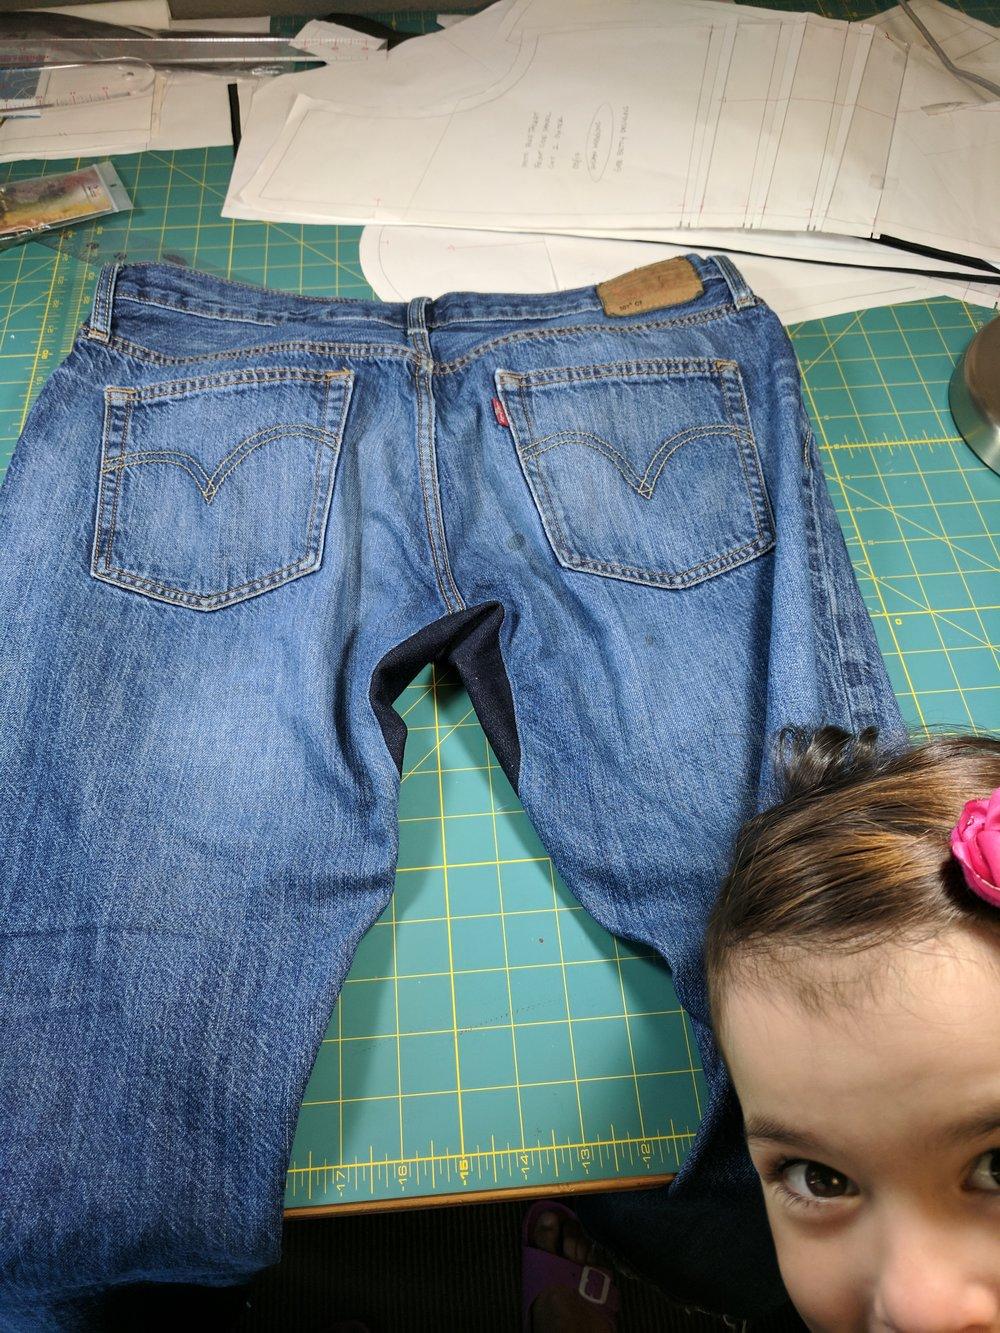 jeans repair